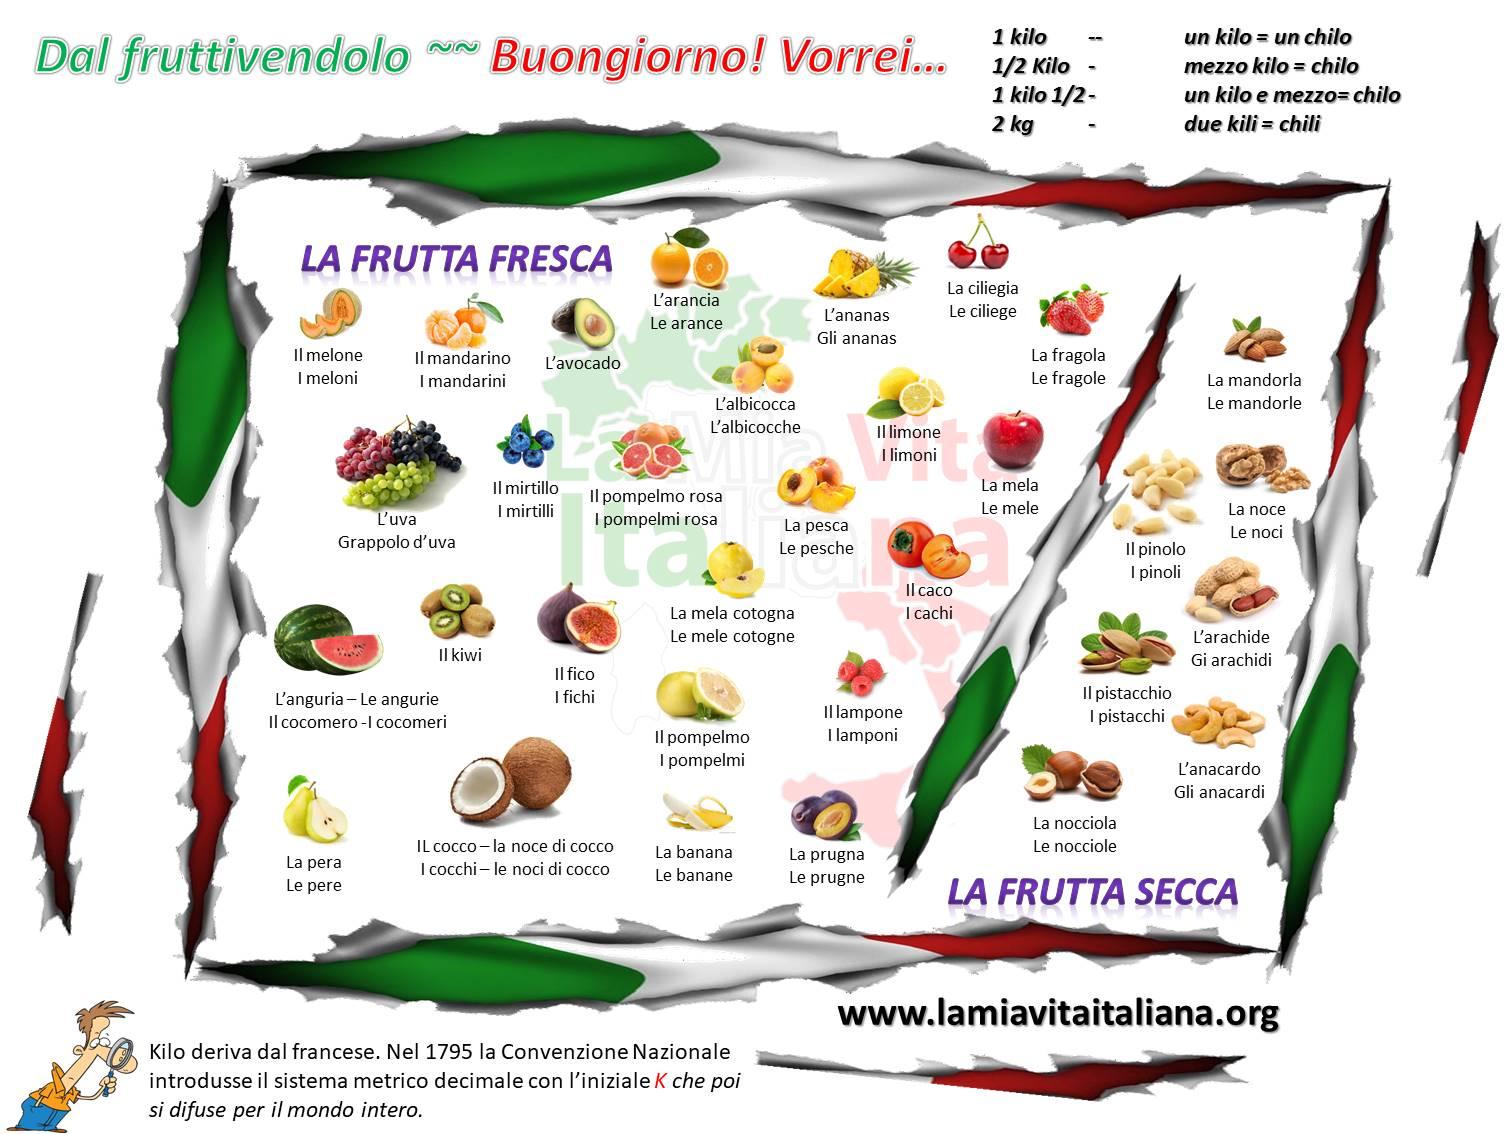 dal fruttivendolo - frutta fresca frutta